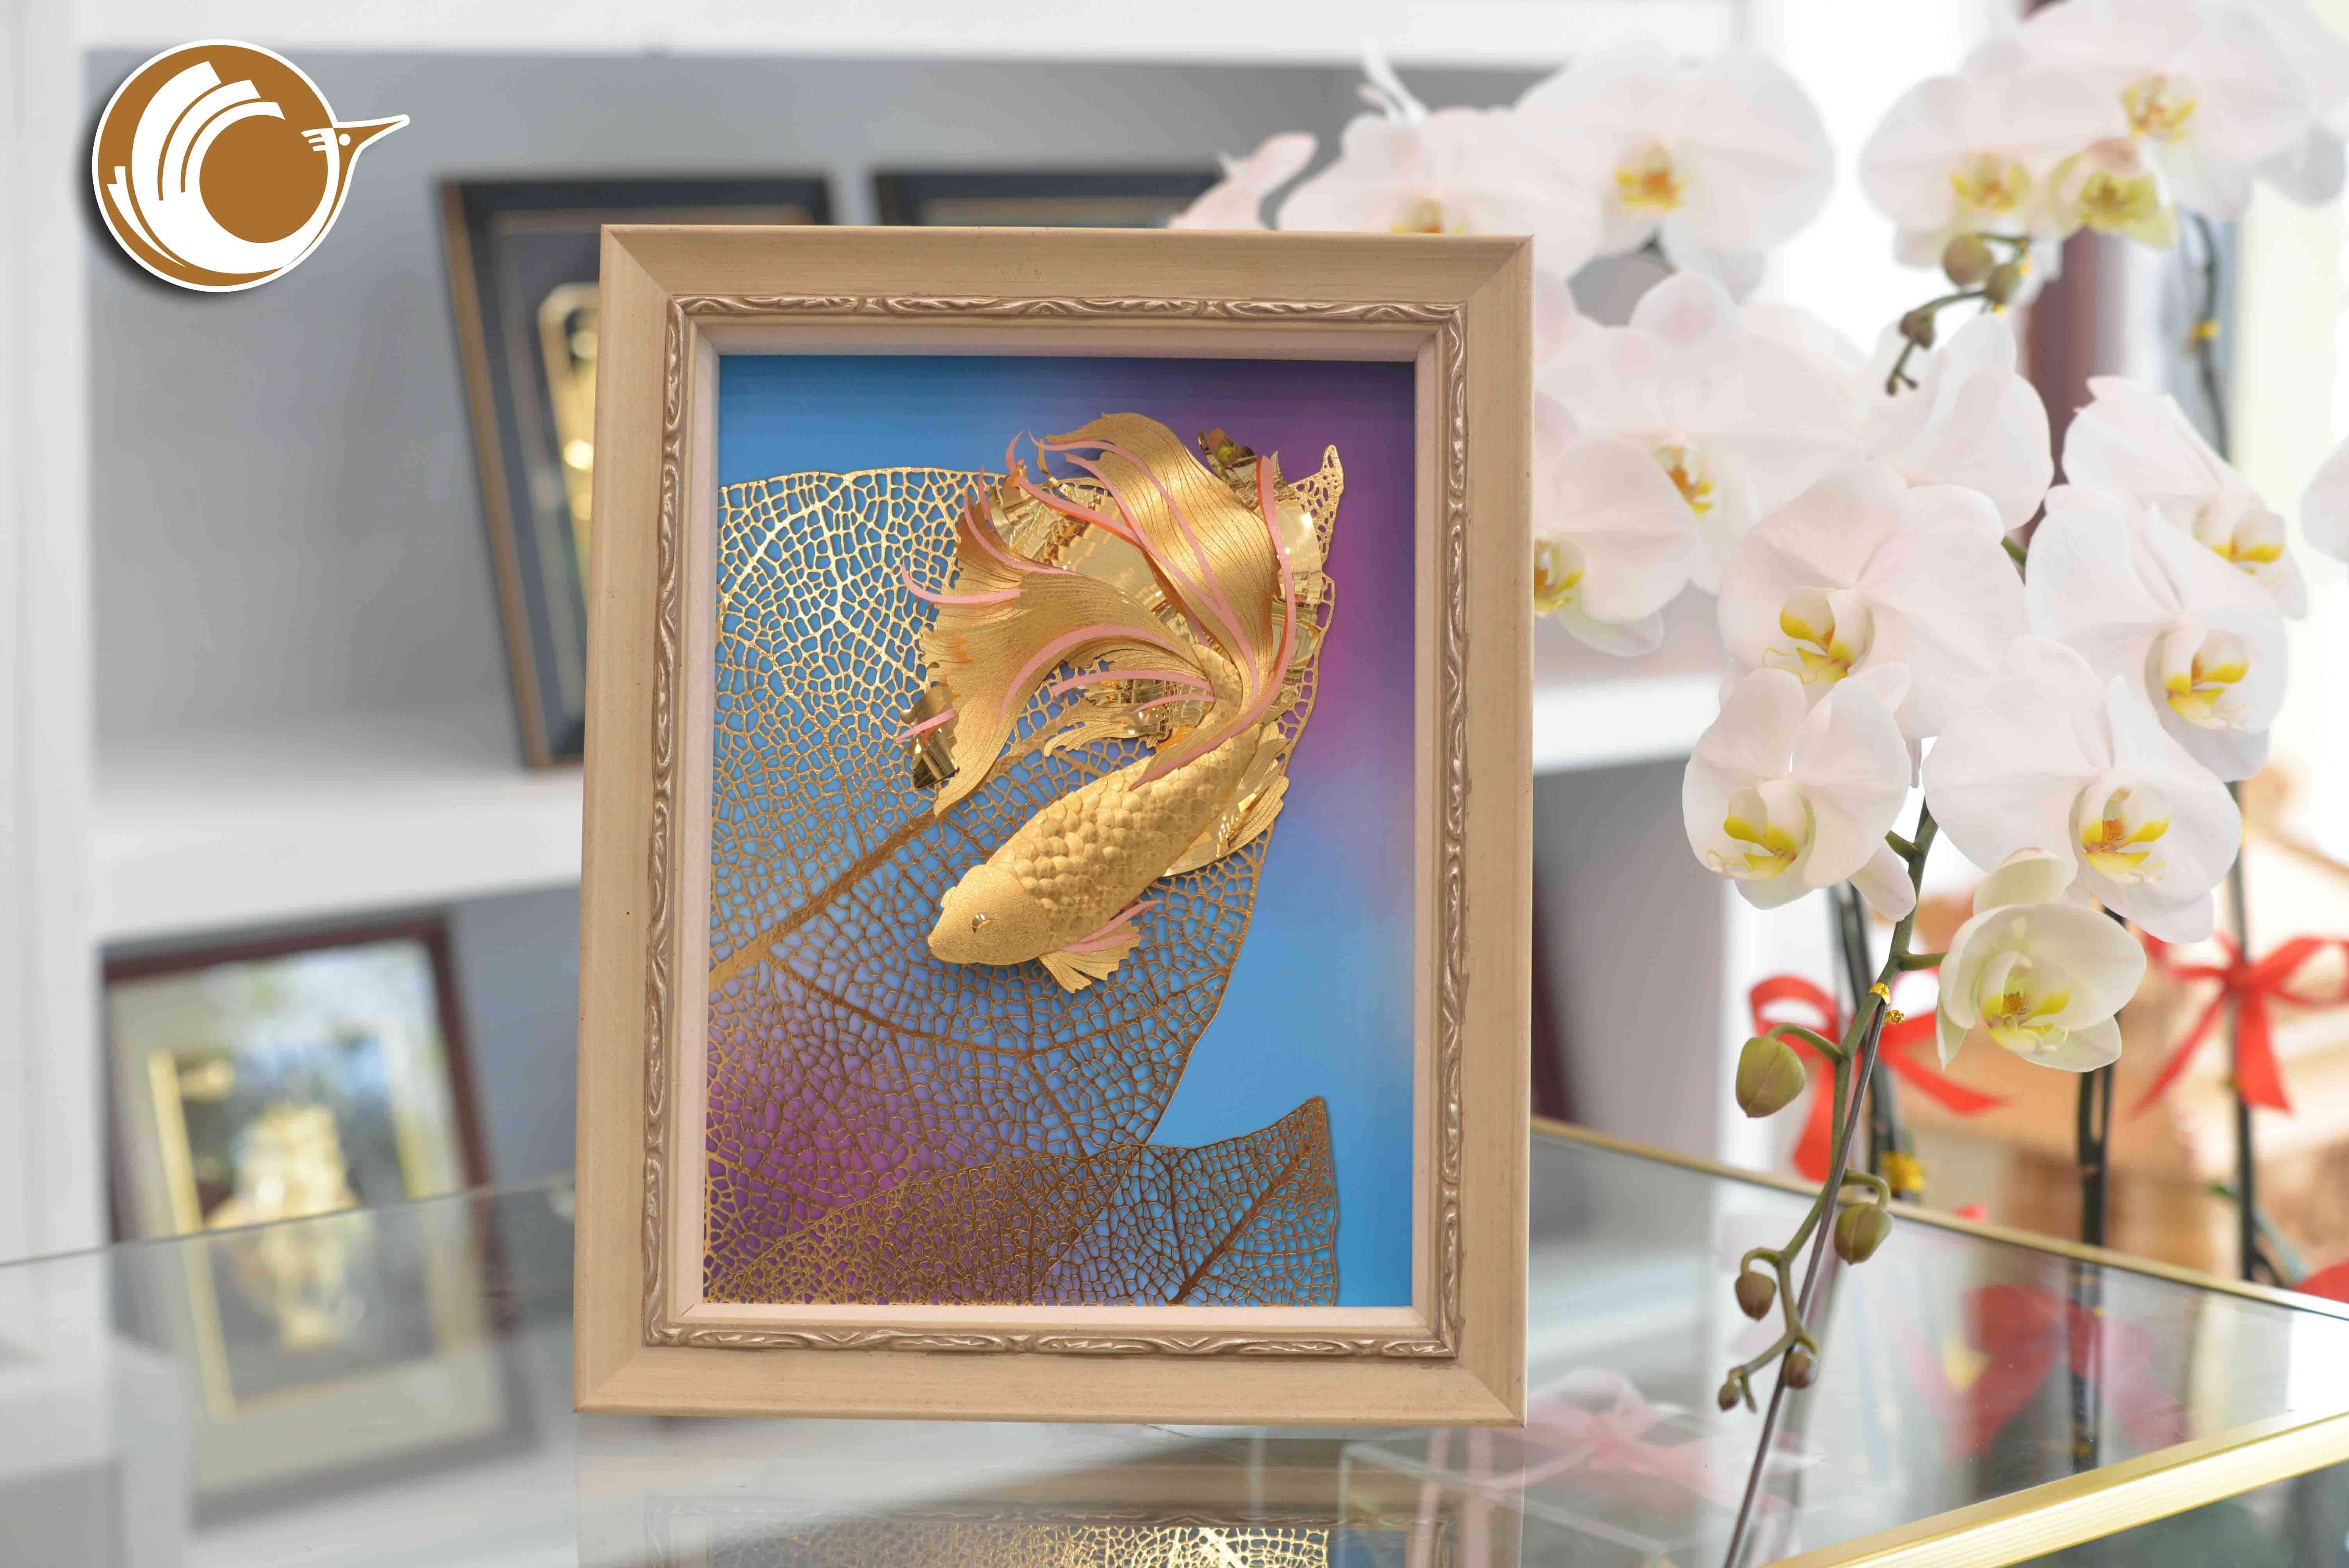 Tranh vàng 24k tranh cá vàng, quà tặng vợ ý nghĩa0